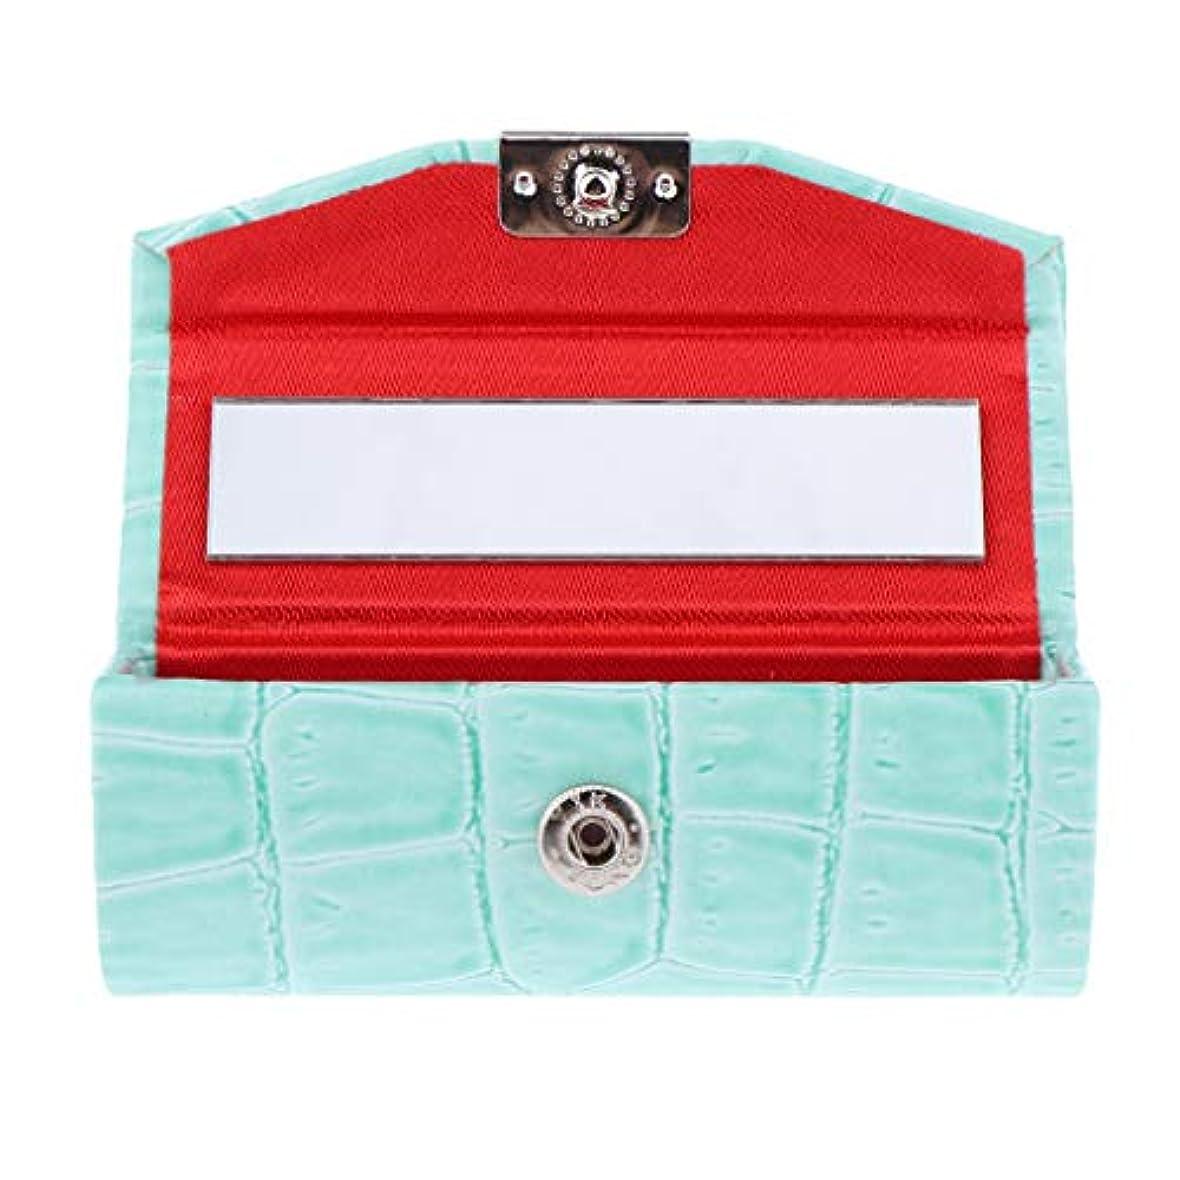 ラベランタン童謡B Baosity 口紅ケース コインケース ミラー付き リップグロス ジュエリー 収納ボックス 多色選べ - ライトブルー